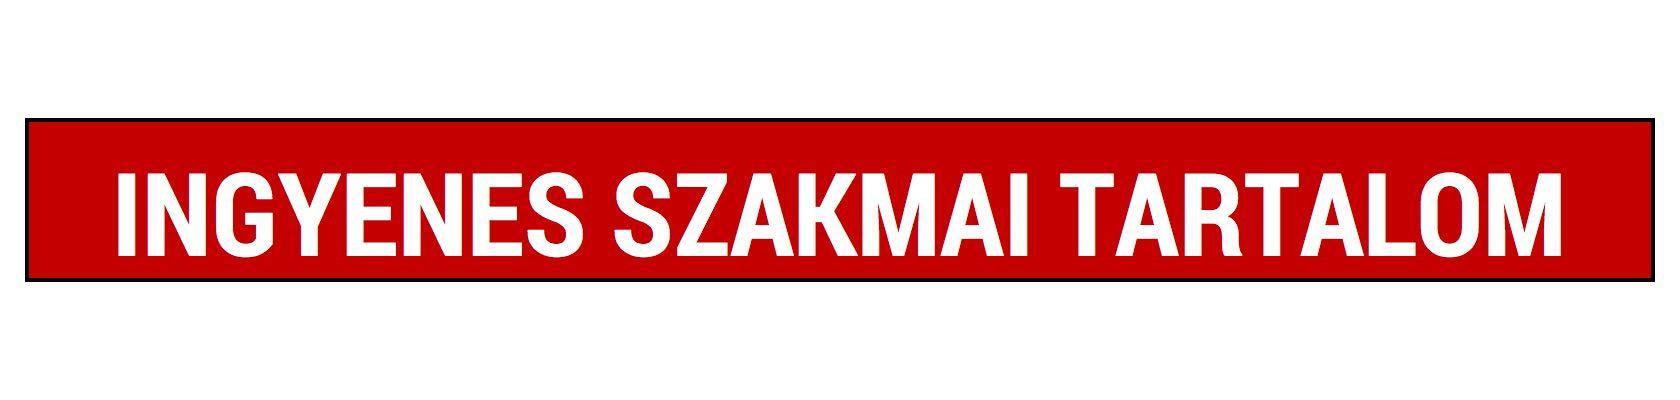 INGYENES SZAKMAI